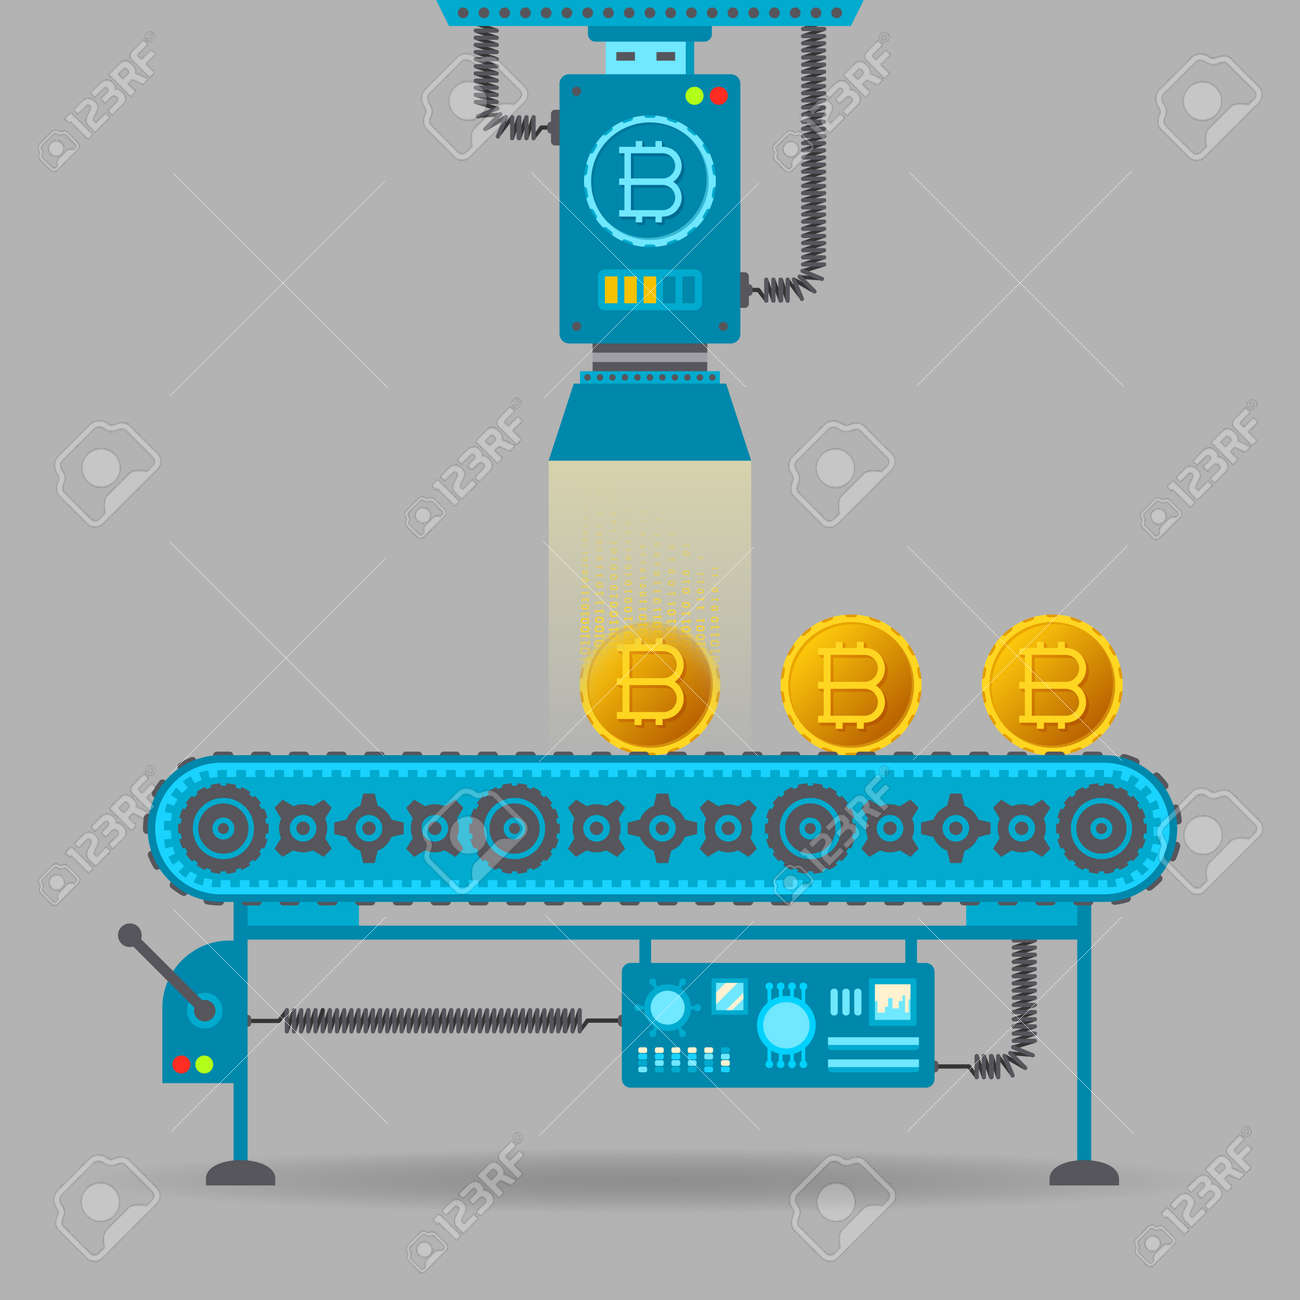 Belt conveyors mining bitcoins allpay ez bitcoins